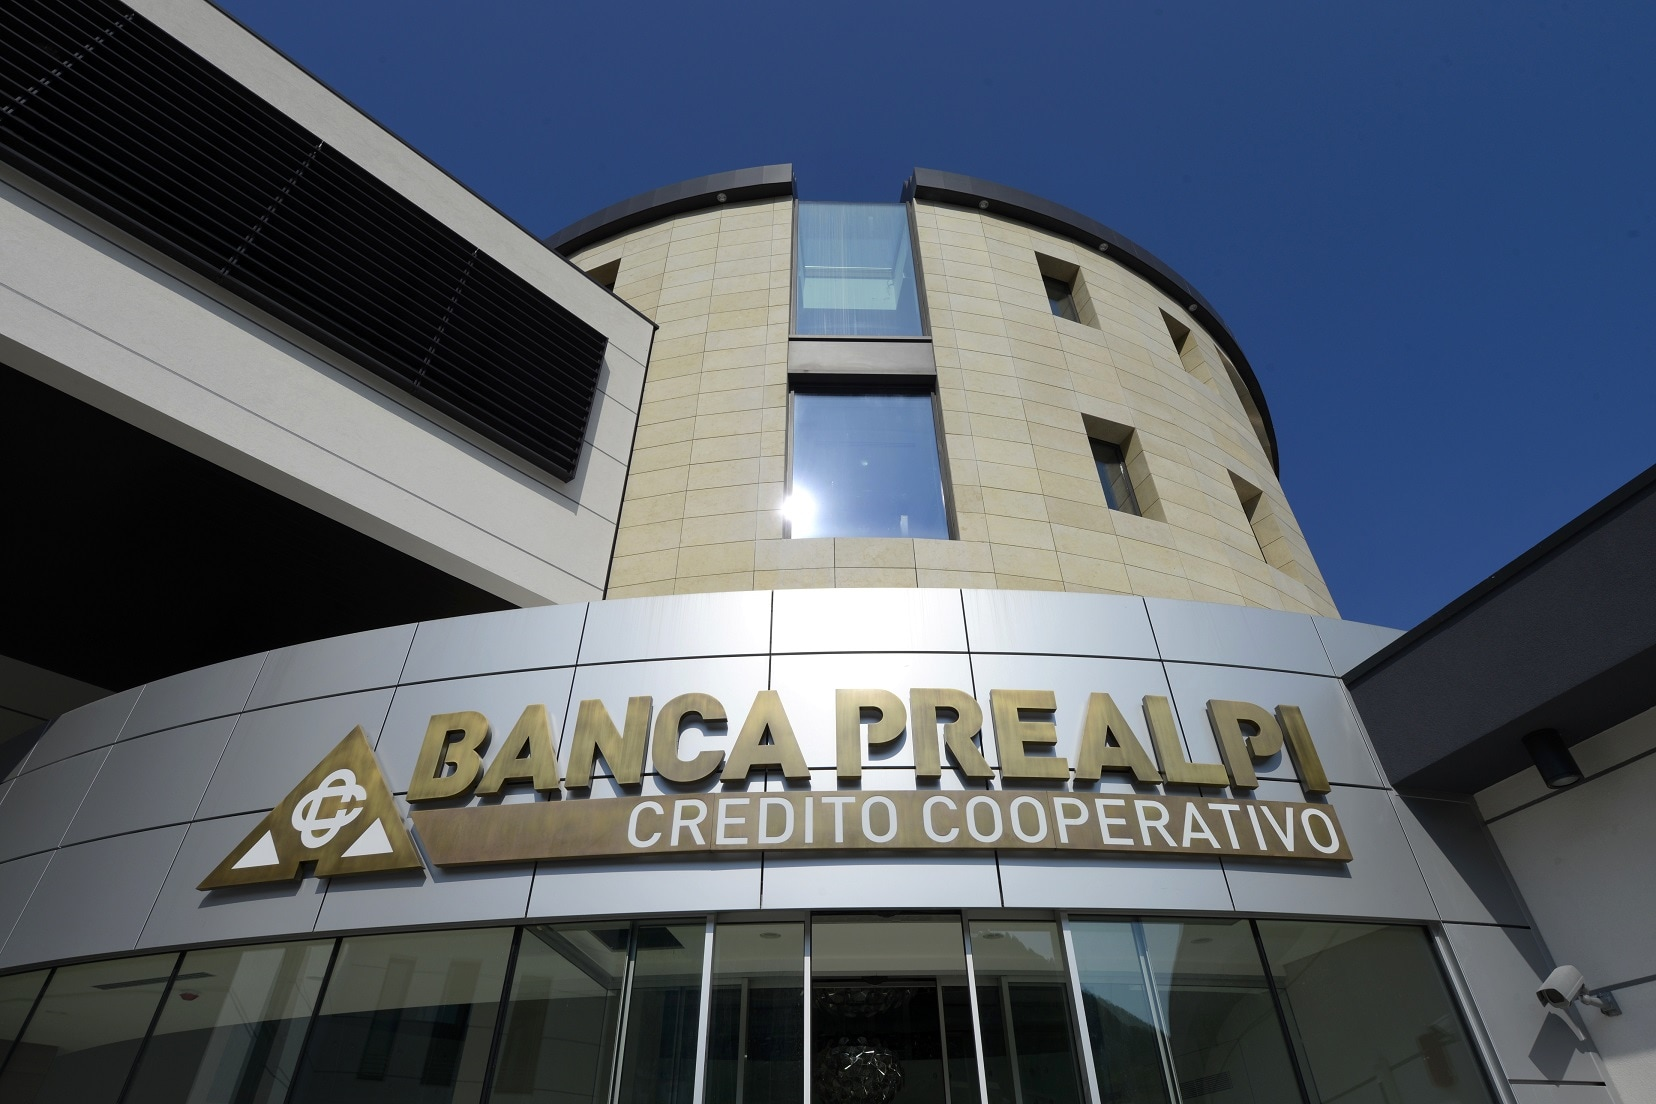 Sede sociale BCC Prealpi SanBiagio a Tarzo (TV)-2-3